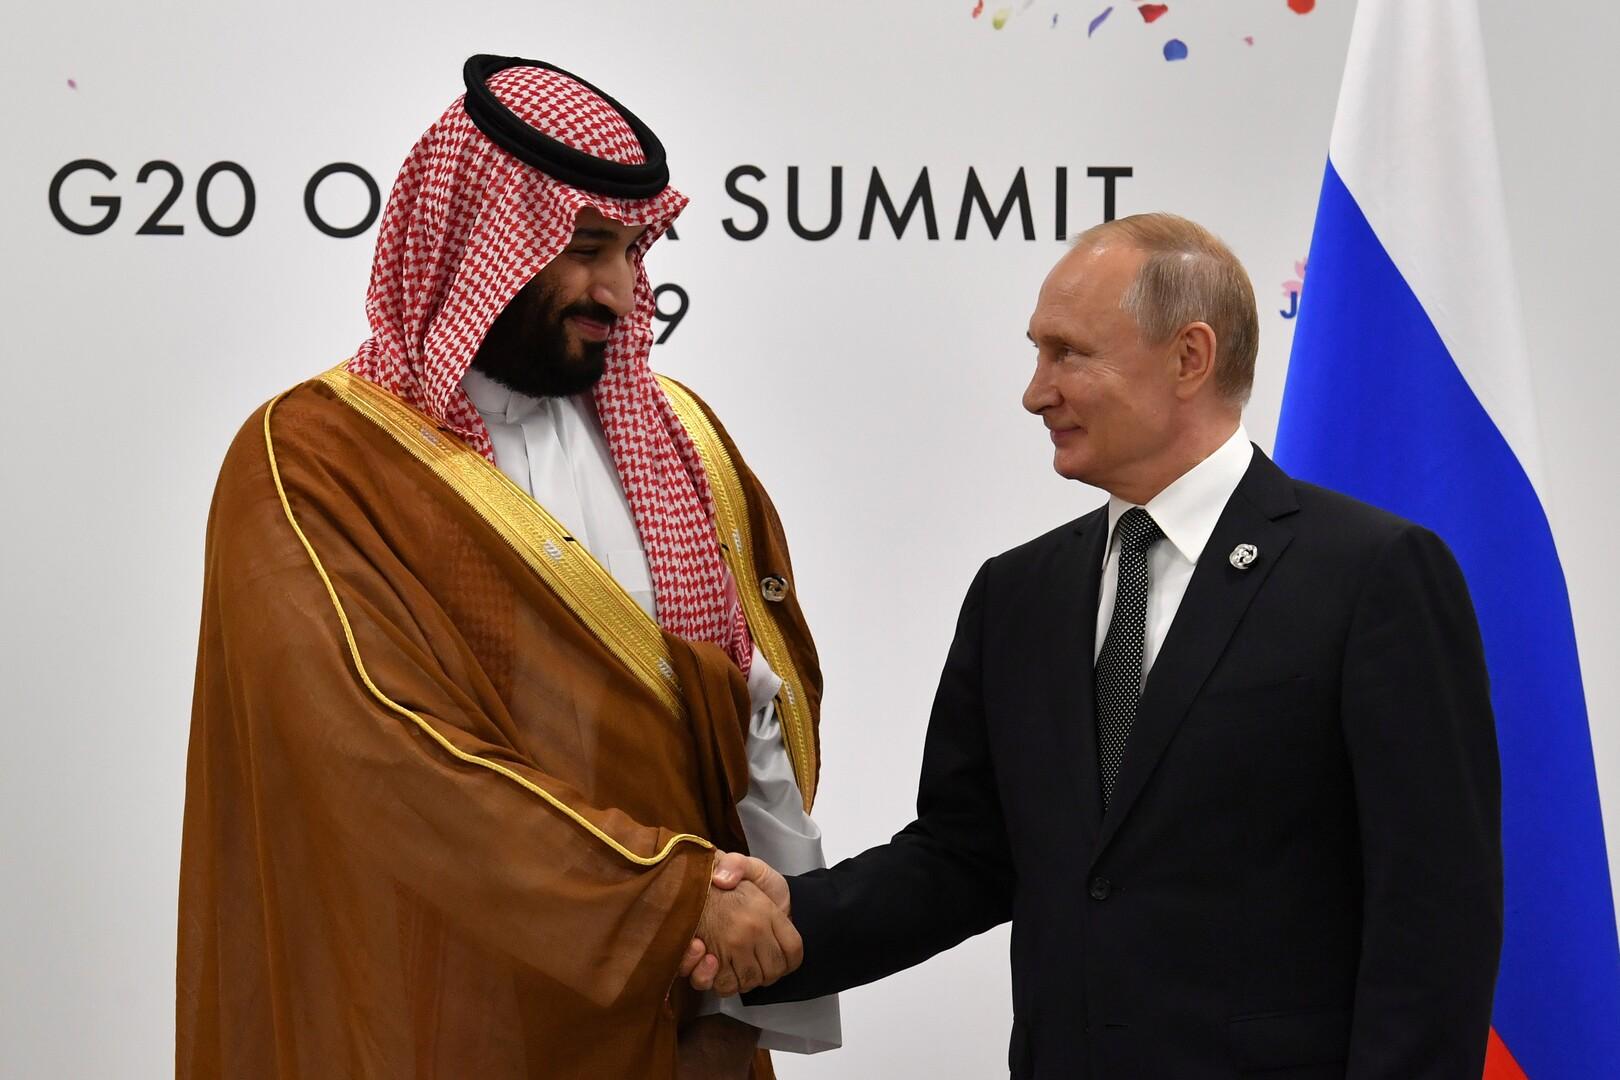 روسيا تعزز علاقاتها الاستثمارية مع السعودية بخطوة جديدة